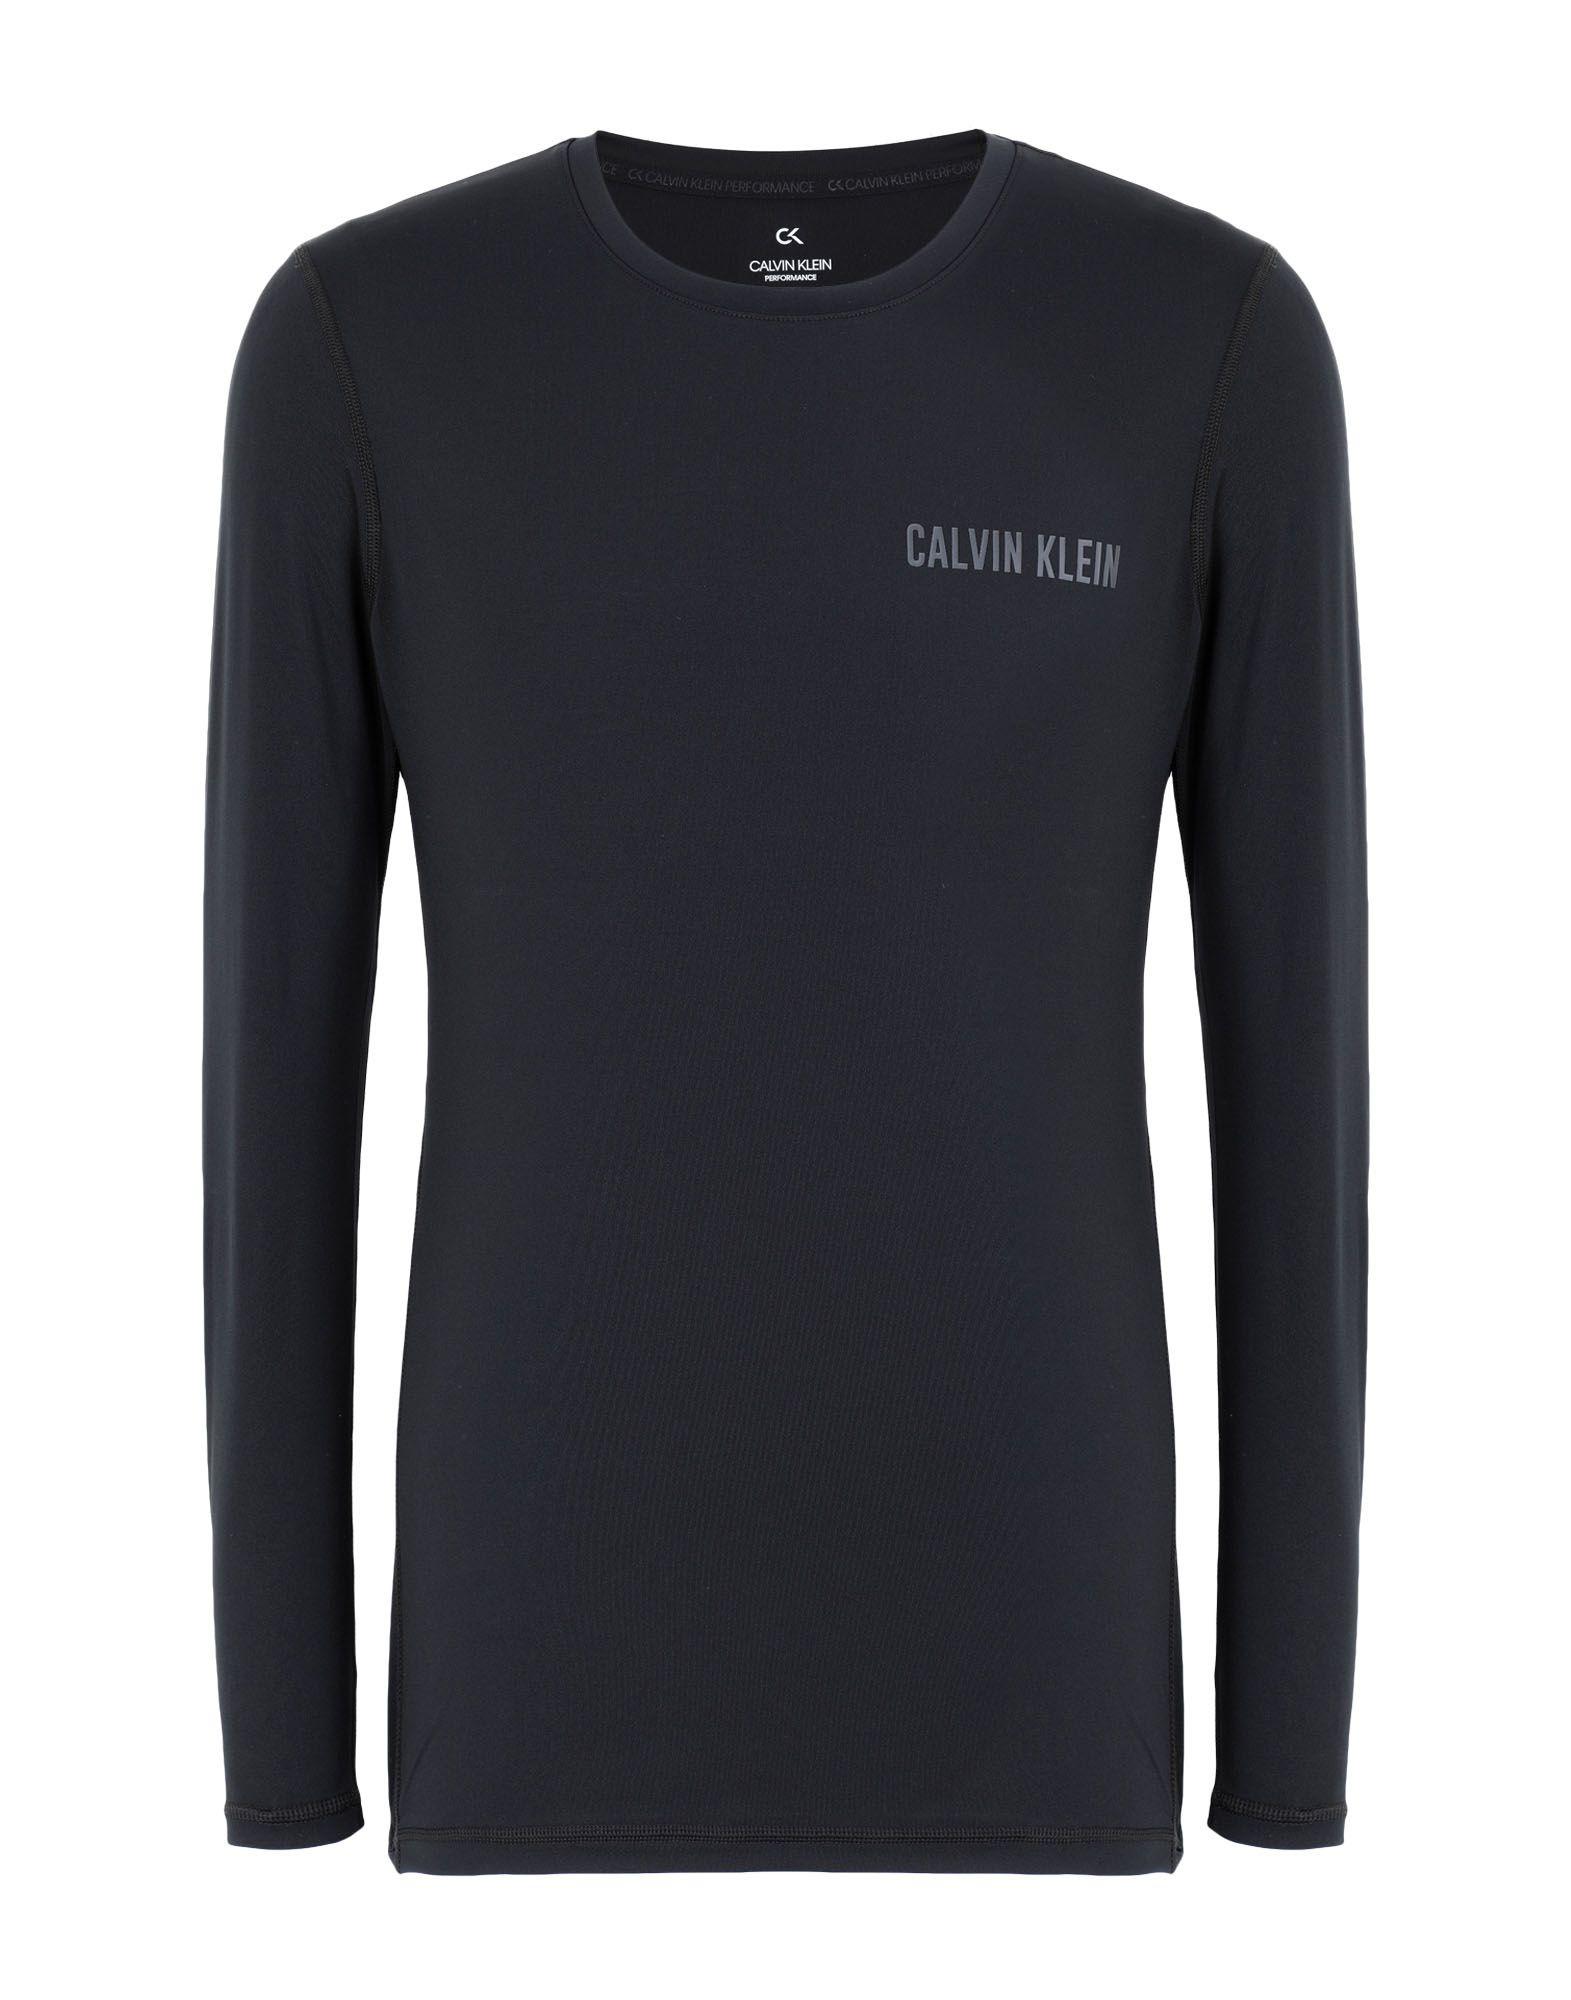 《セール開催中》CALVIN KLEIN PERFORMANCE メンズ T シャツ ブラック S ポリエステル 92% / ポリウレタン 8% LONG SLEEVE T-SHIRT